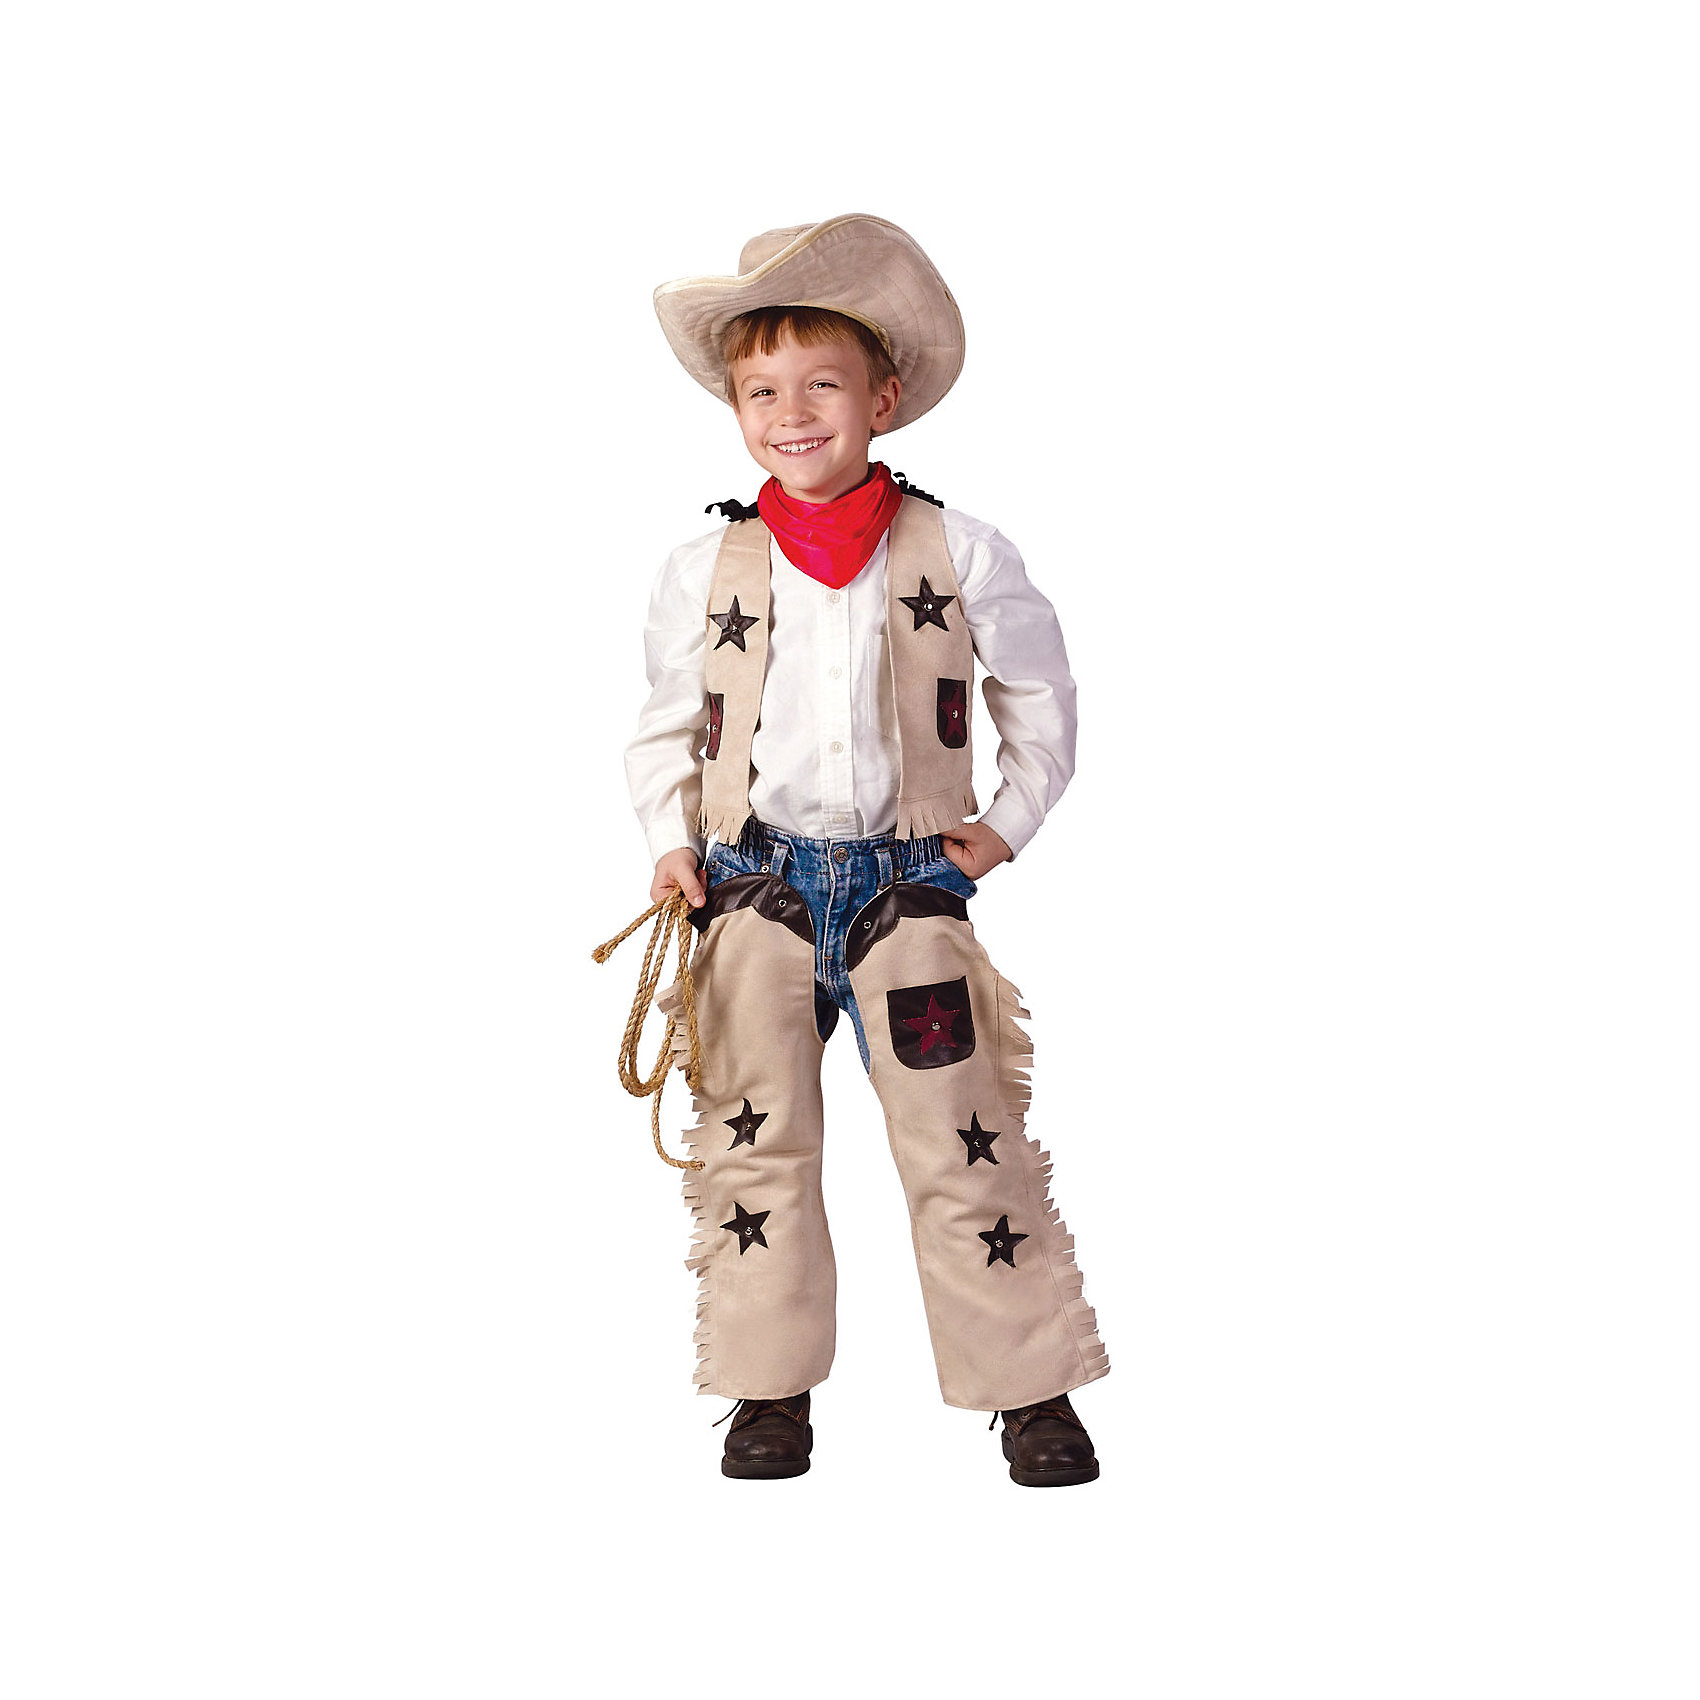 Маскарадный костюм для мальчика Ковбой, 6-8 летМаскарадный костюм для мальчика Ковбой, 6-8 лет – это возможность превратить праздник в необычное, яркое шоу.<br>Непокоренные прерии и приключения Дикого Запада воплотил в себе образ ковбоя. Какой мальчишка не хотел бы хоть на минутку перевоплотиться в этого бесстрашного персонажа. Костюм ковбоя для мальчика состоит из декорированных звездами жилета и чапсов с бахромой. Оригинальный наряд дополнен широкополой шляпой, придающей образу ореол загадочности. В таком карнавальном образе вашего мальчика обязательно заметят на новогоднем празднике или детском утреннике. Веселое настроение и масса положительных эмоций будут обеспечены!<br><br>Дополнительная информация:<br><br>- Комплектация: жилет, чапсы, шляпа<br>- Возраста: от 6 до 8 лет<br>- Рост: 125 см.<br>- Обхват груди: 65 см.<br>- Обхват талии: 57 см.<br>- Материал: полиэстер, трикотаж<br><br>Маскарадный костюм для мальчика Ковбой, 6-8 лет можно купить в нашем интернет-магазине.<br><br>Ширина мм: 400<br>Глубина мм: 500<br>Высота мм: 50<br>Вес г: 580<br>Возраст от месяцев: 72<br>Возраст до месяцев: 96<br>Пол: Мужской<br>Возраст: Детский<br>SKU: 4280652